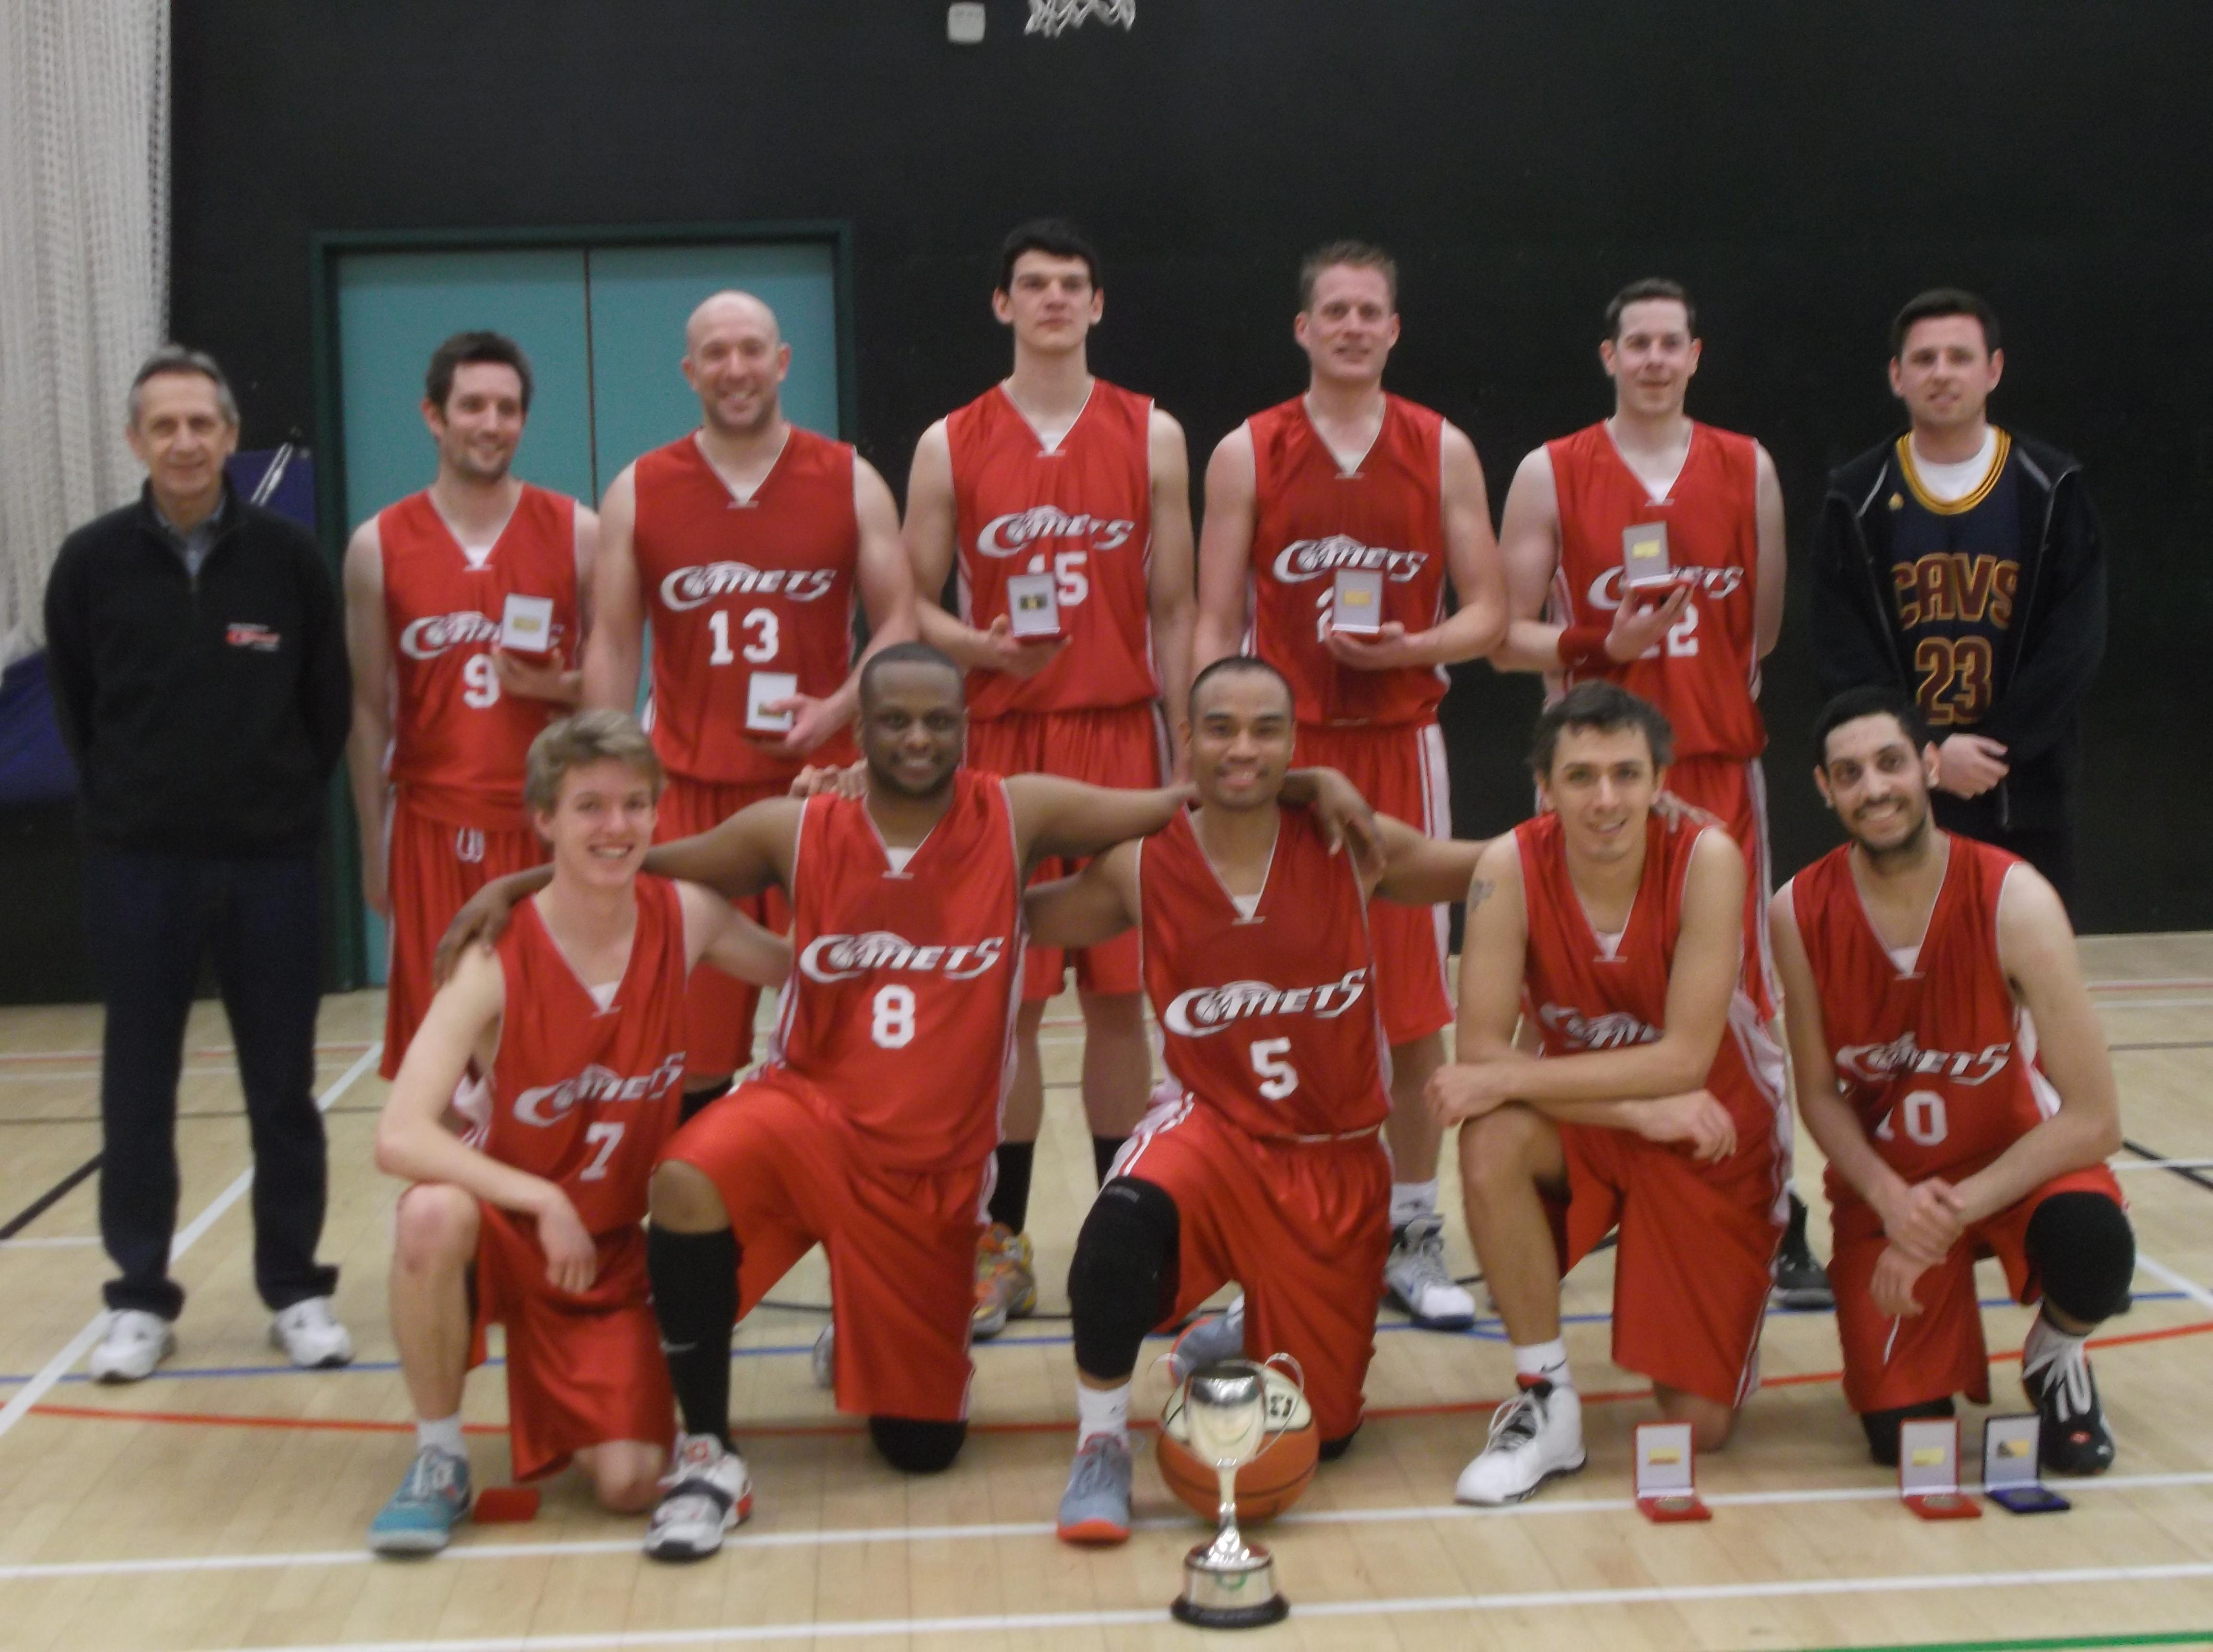 2016 Cup Final Winners